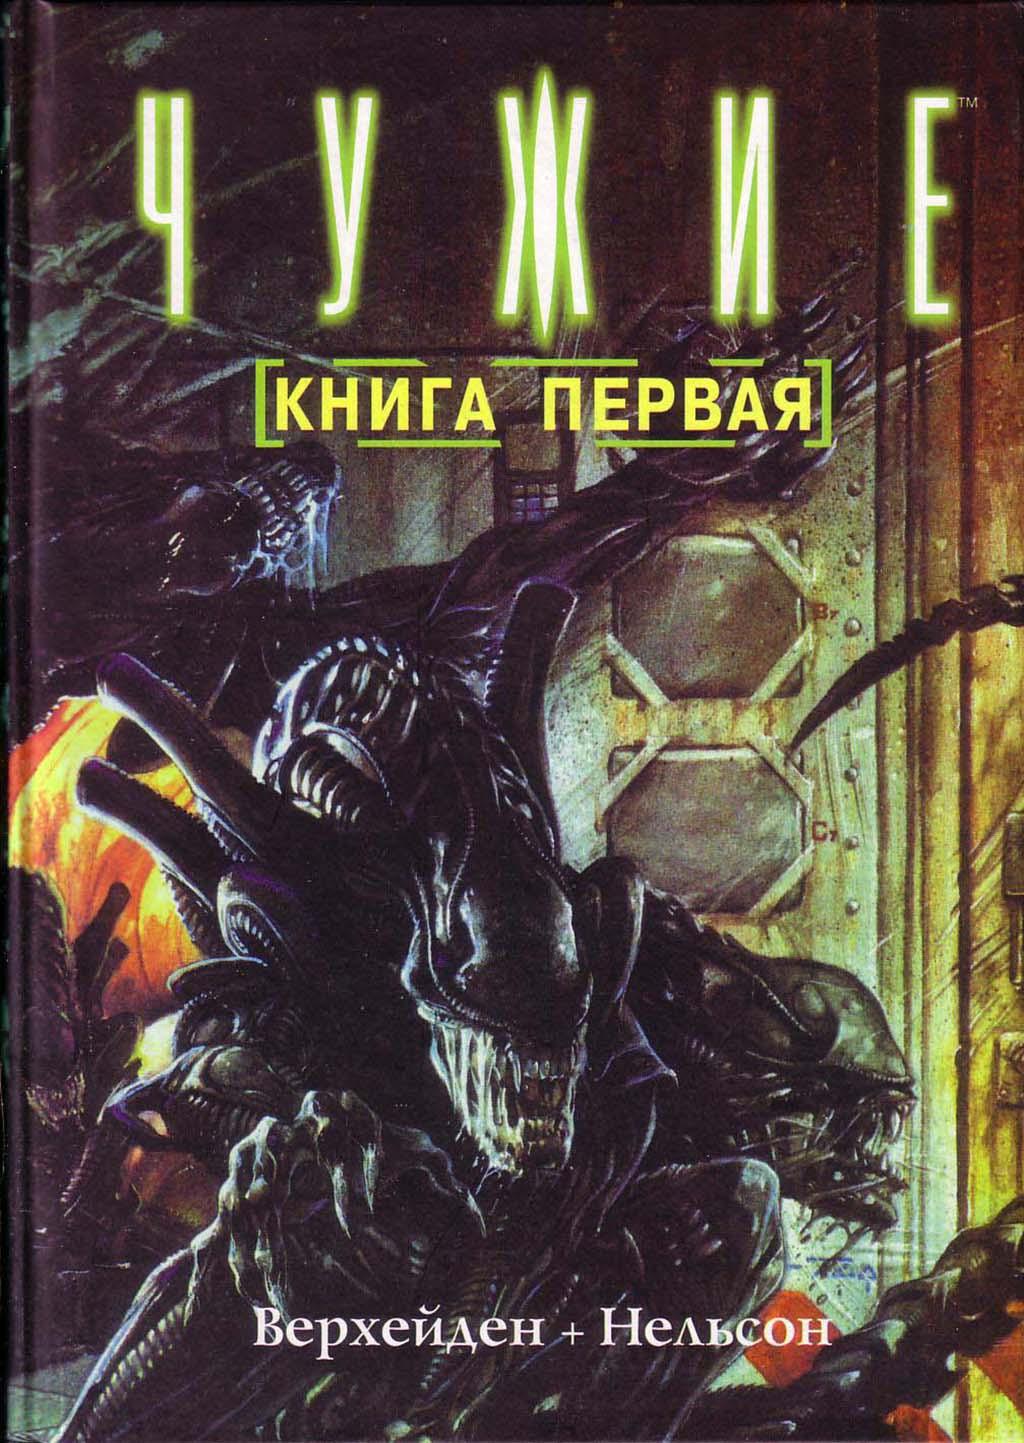 Комикс Чужие Книга Первая